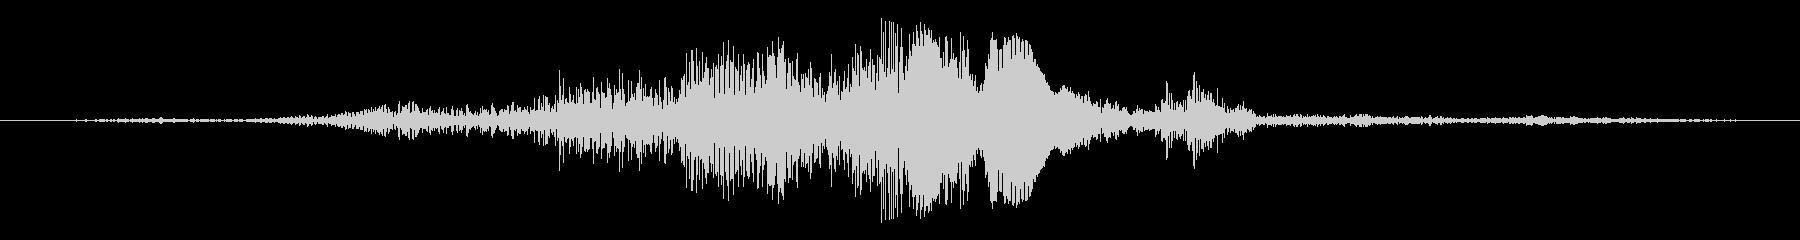 大型のマコー:シングルコール、動物の鳥の未再生の波形